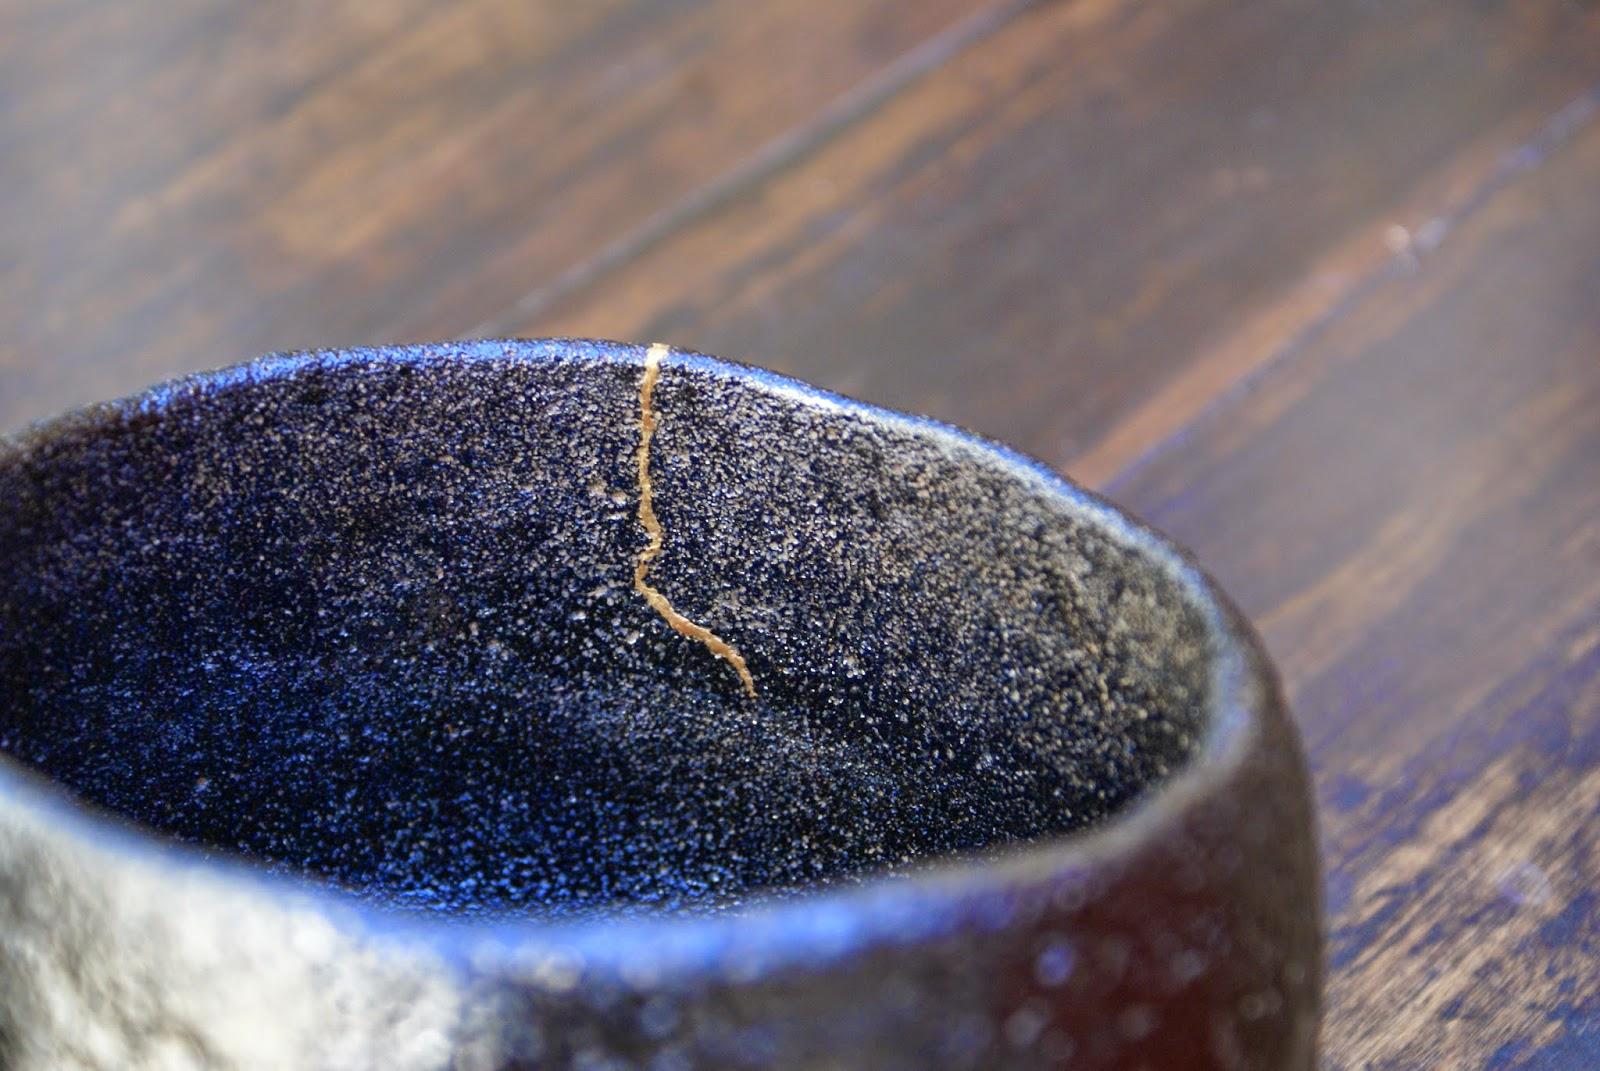 réparation à la poudre d'or kintsugi sur chawan kuro raku